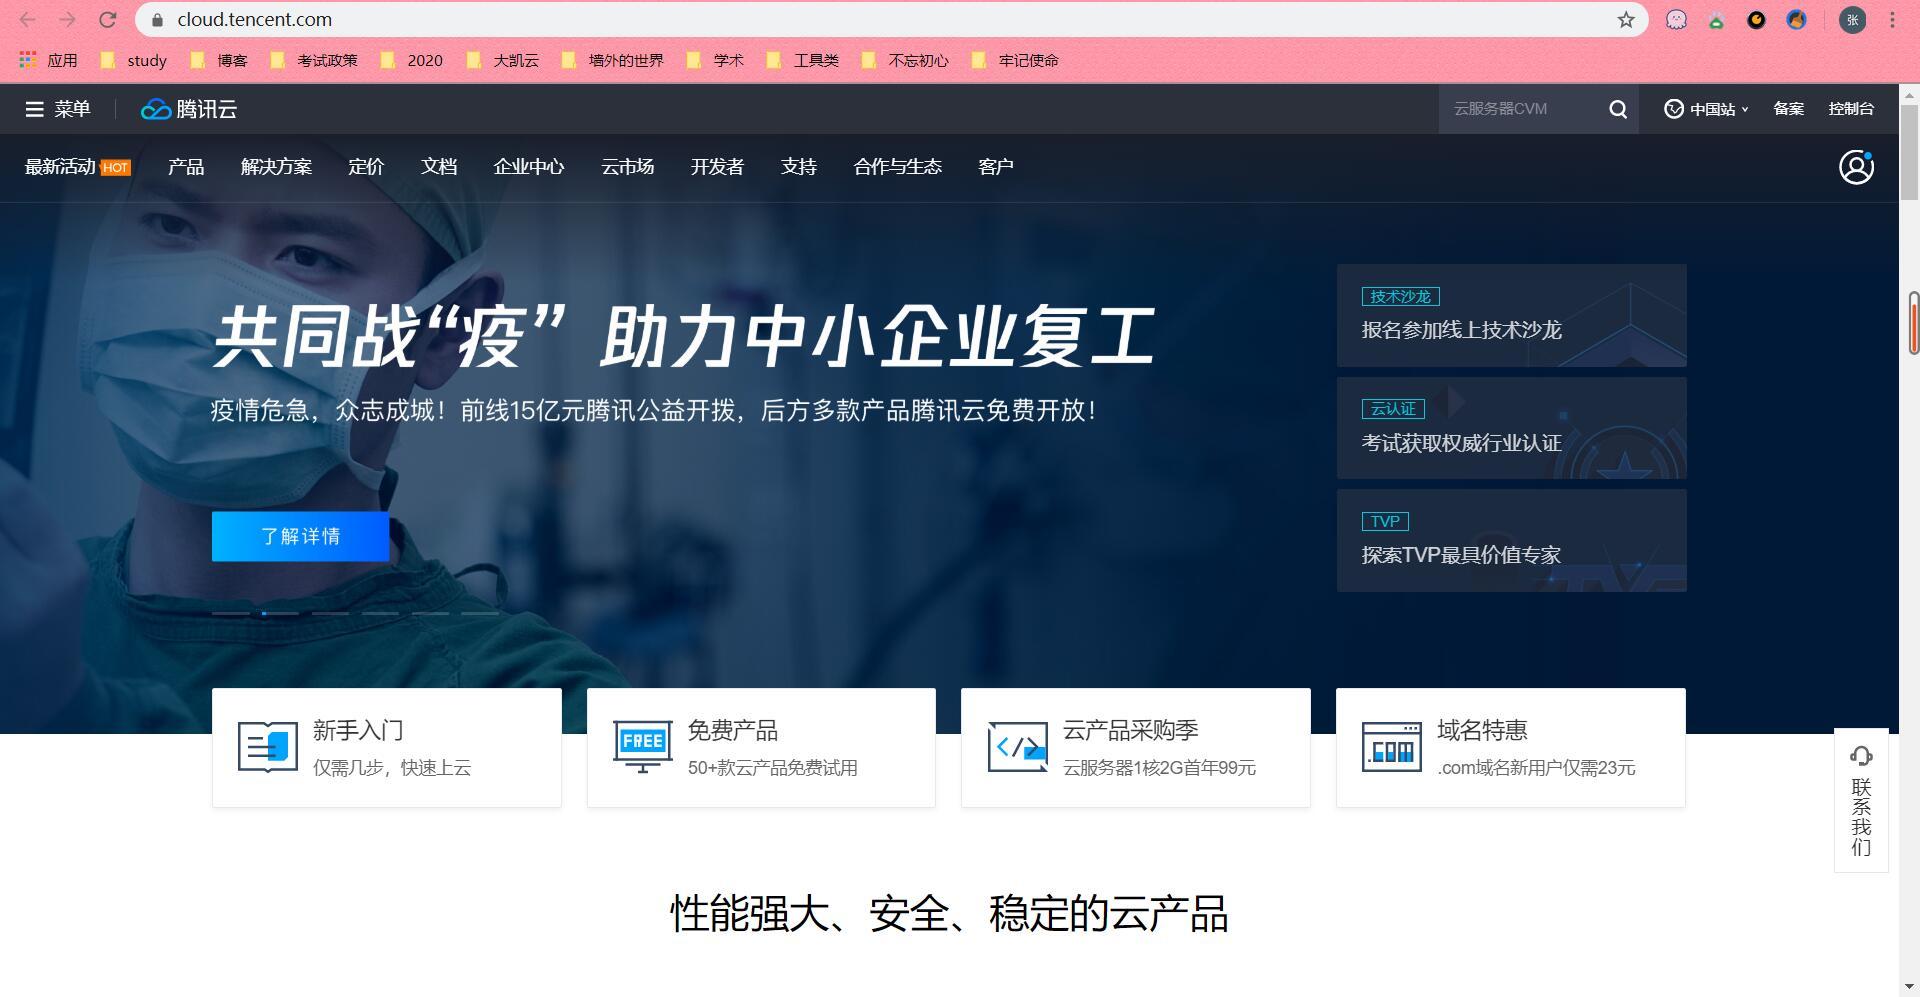 腾讯云官网